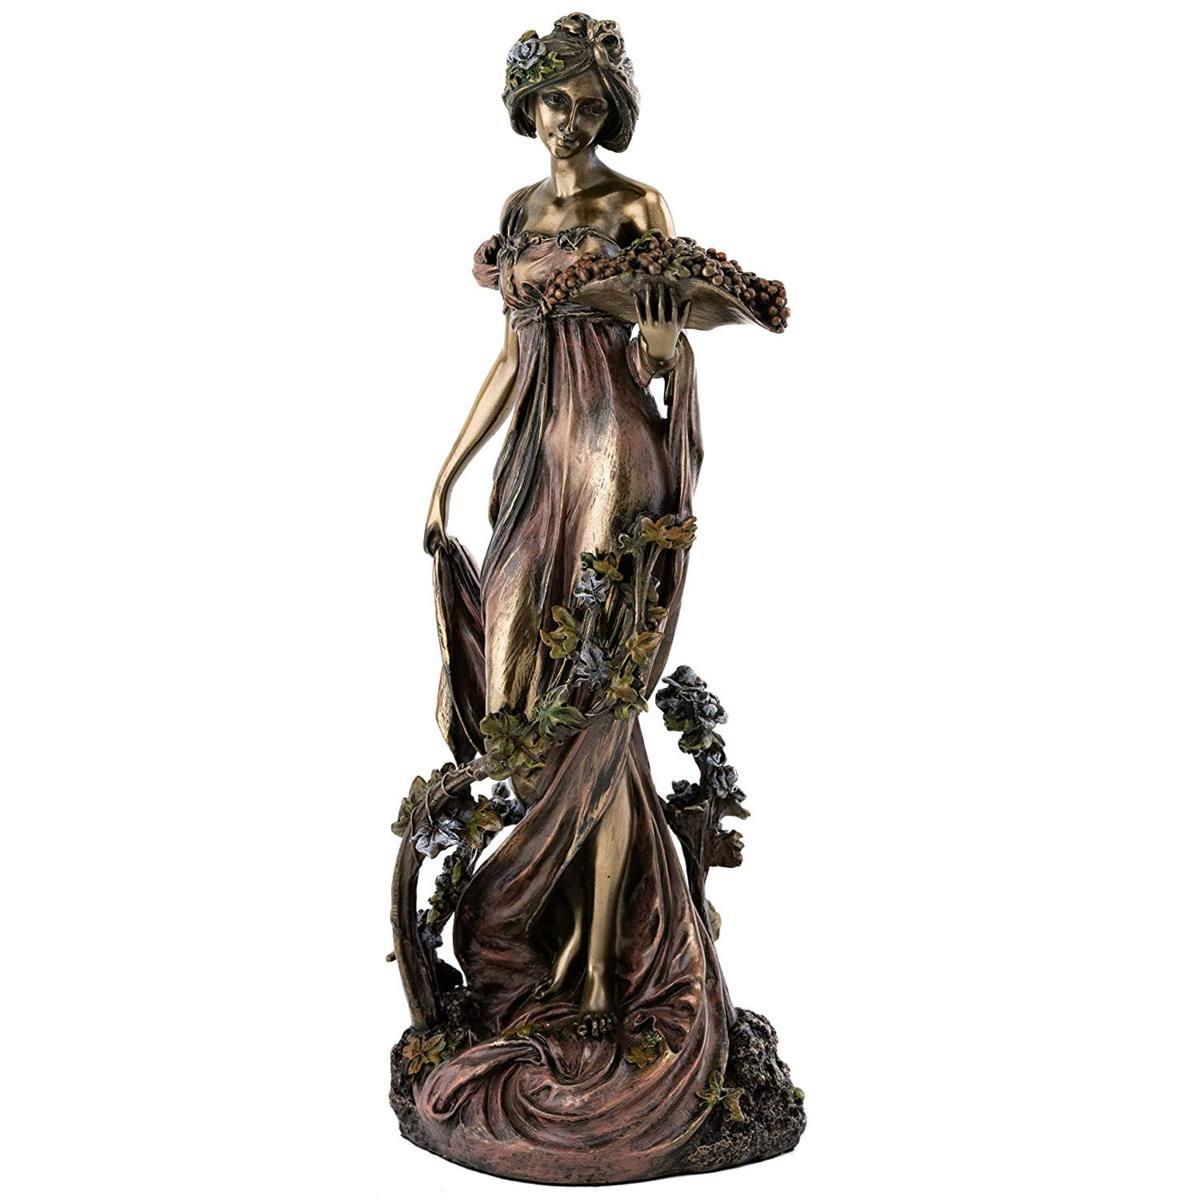 トップコレクション製 フランス アールヌーボー 「ヴァネリー(葡萄の園)」彫刻 彫像 アルフォンス・ミュシャ作(輸入品)